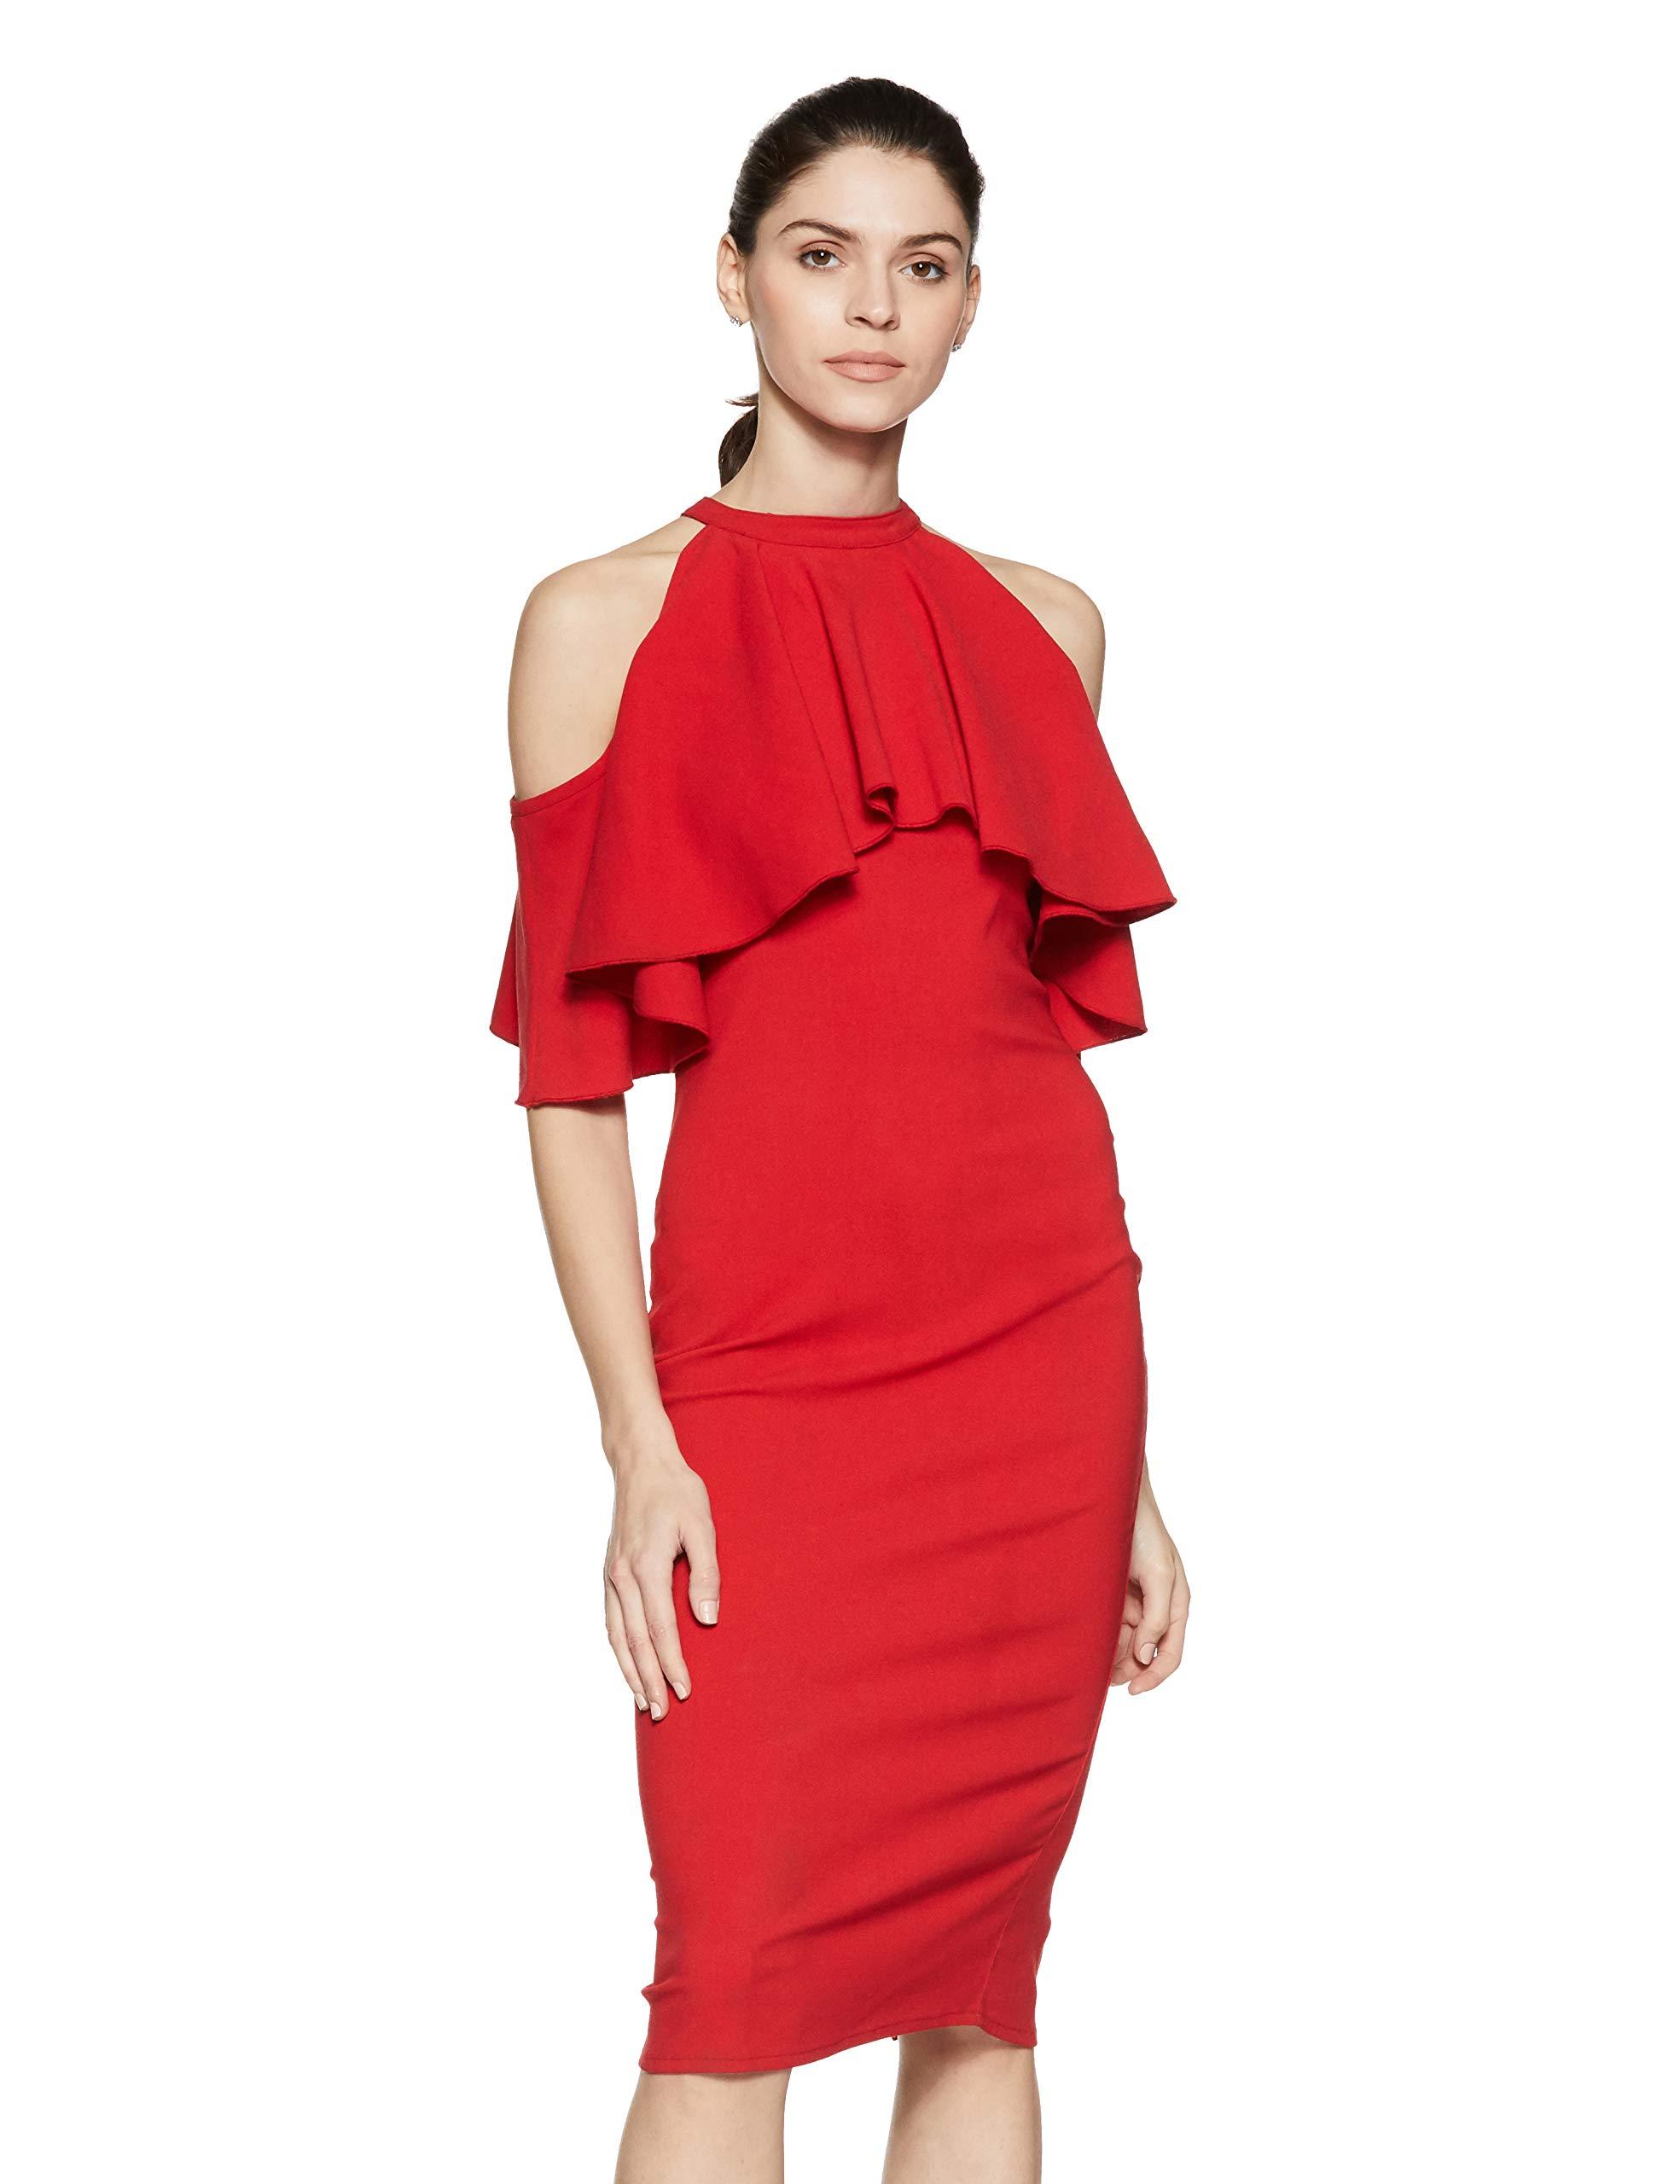 Stalk Buy Love Women's Georgette Trina Cold Shoulder Dress